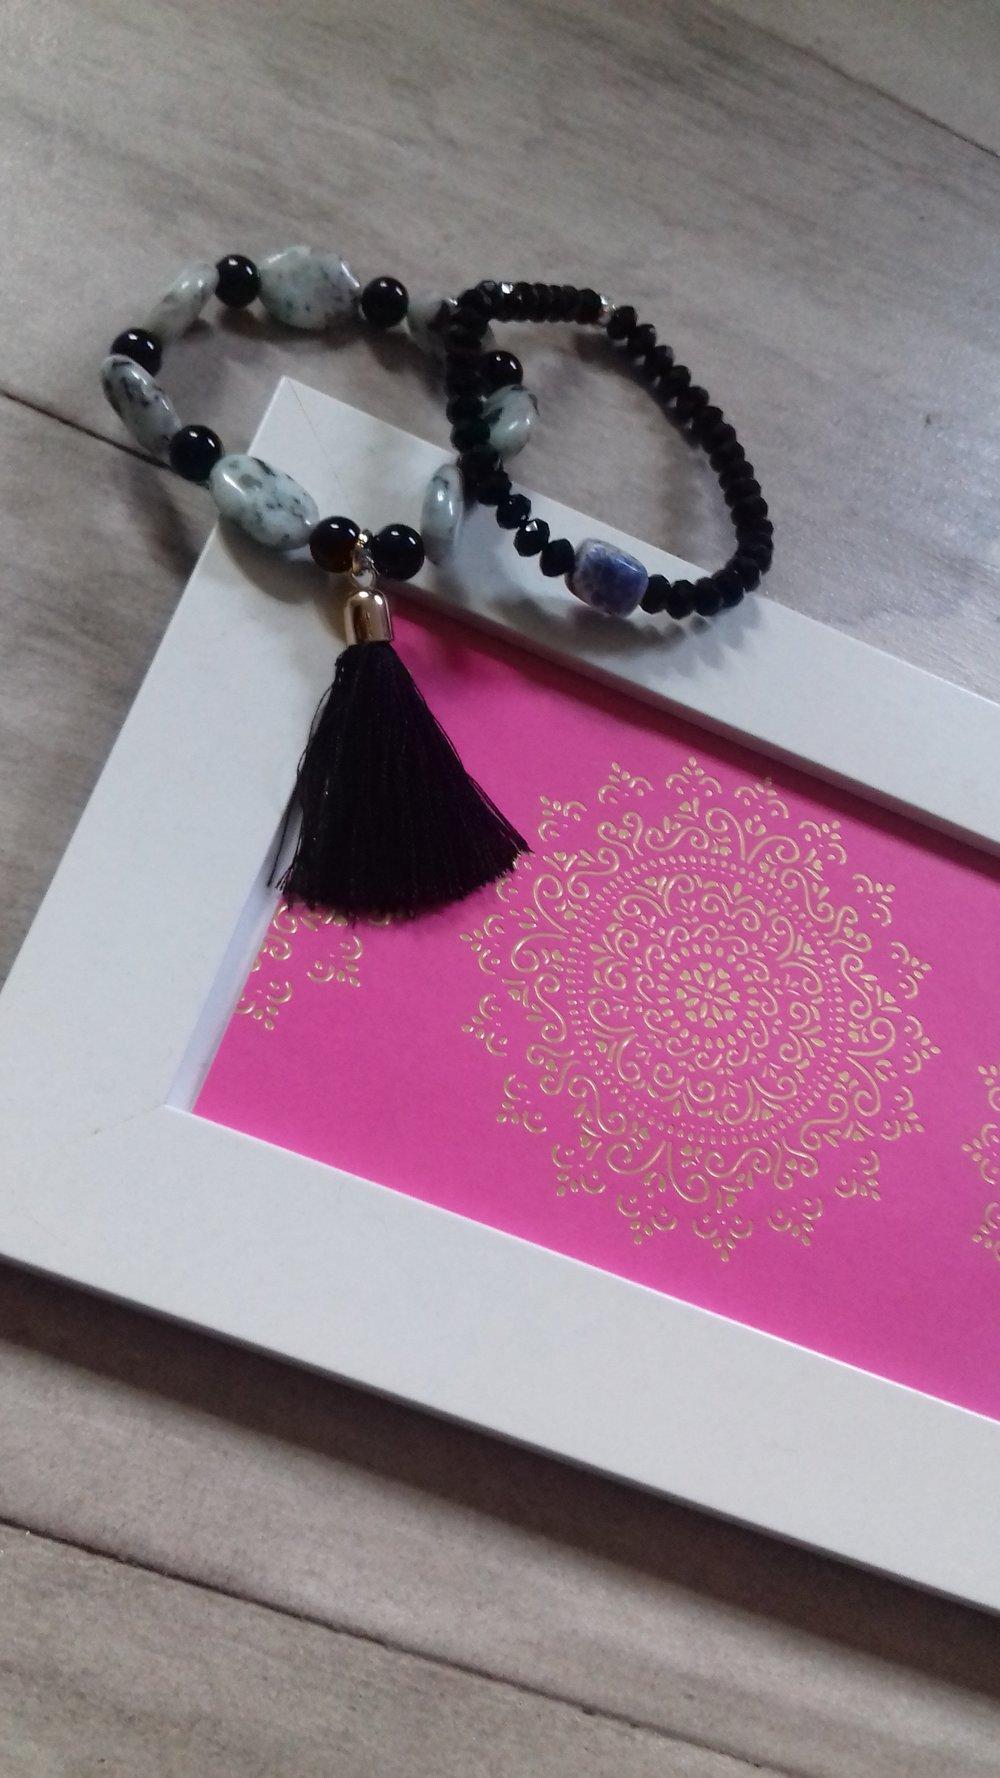 La Vida De RoseBelle blog - wearing Aura Stone Boho Bracelets (8).jpg